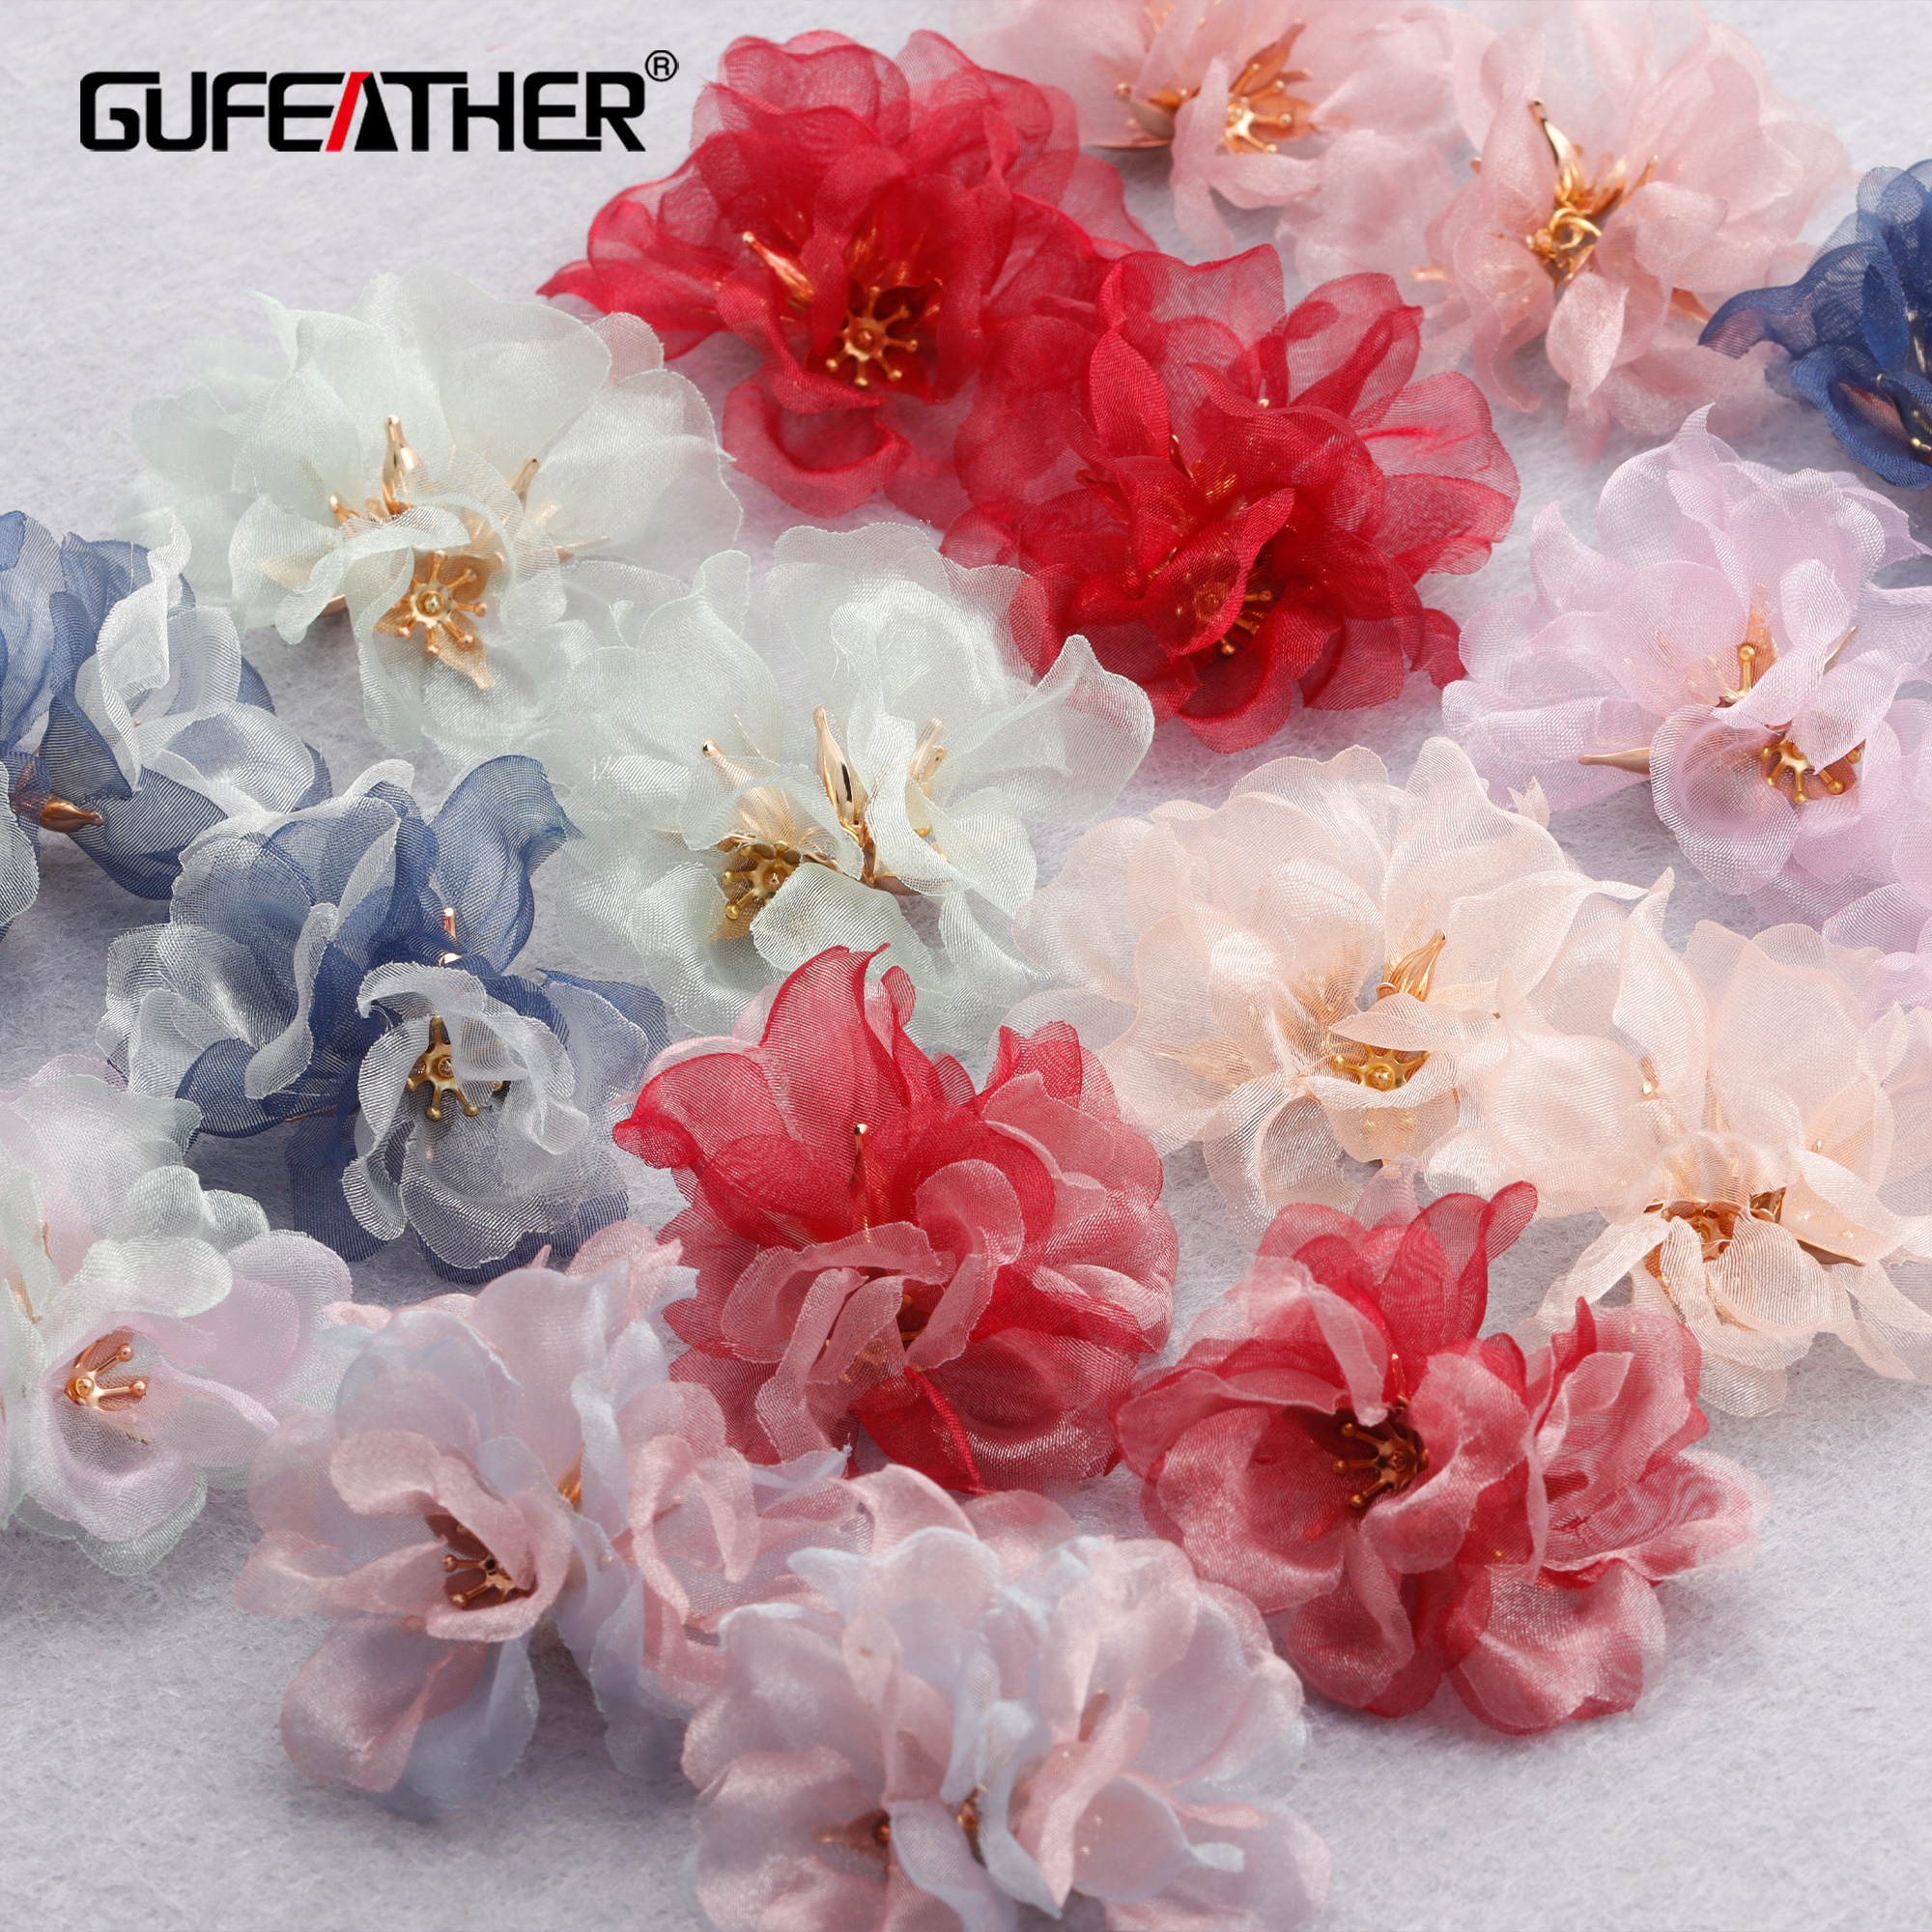 Gufeather m850, acessórios de jóias, pingentes diy, forma de flor, encantos, feitos à mão, metal de cobre, jóias fazendo, brincos diy, 6 pçs/lote